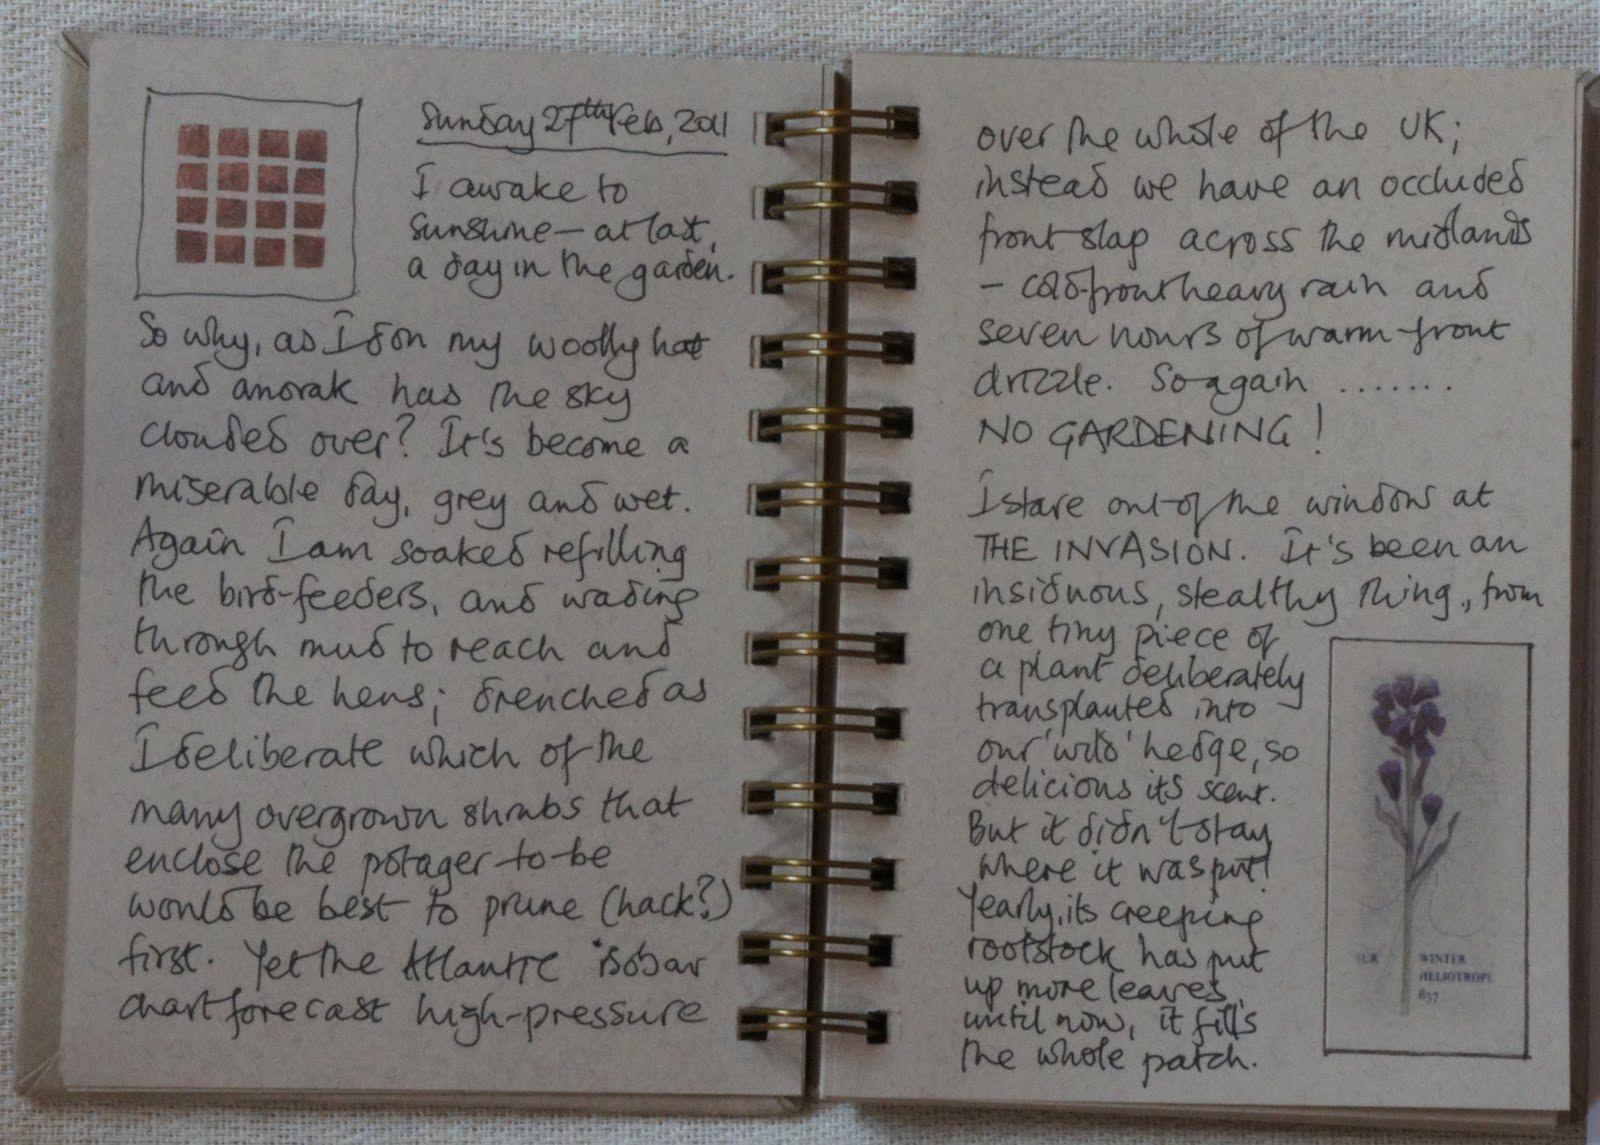 vegetable-garden-journal-templates-journaling-the-journal-new-handwritten-garden-journal.jpg